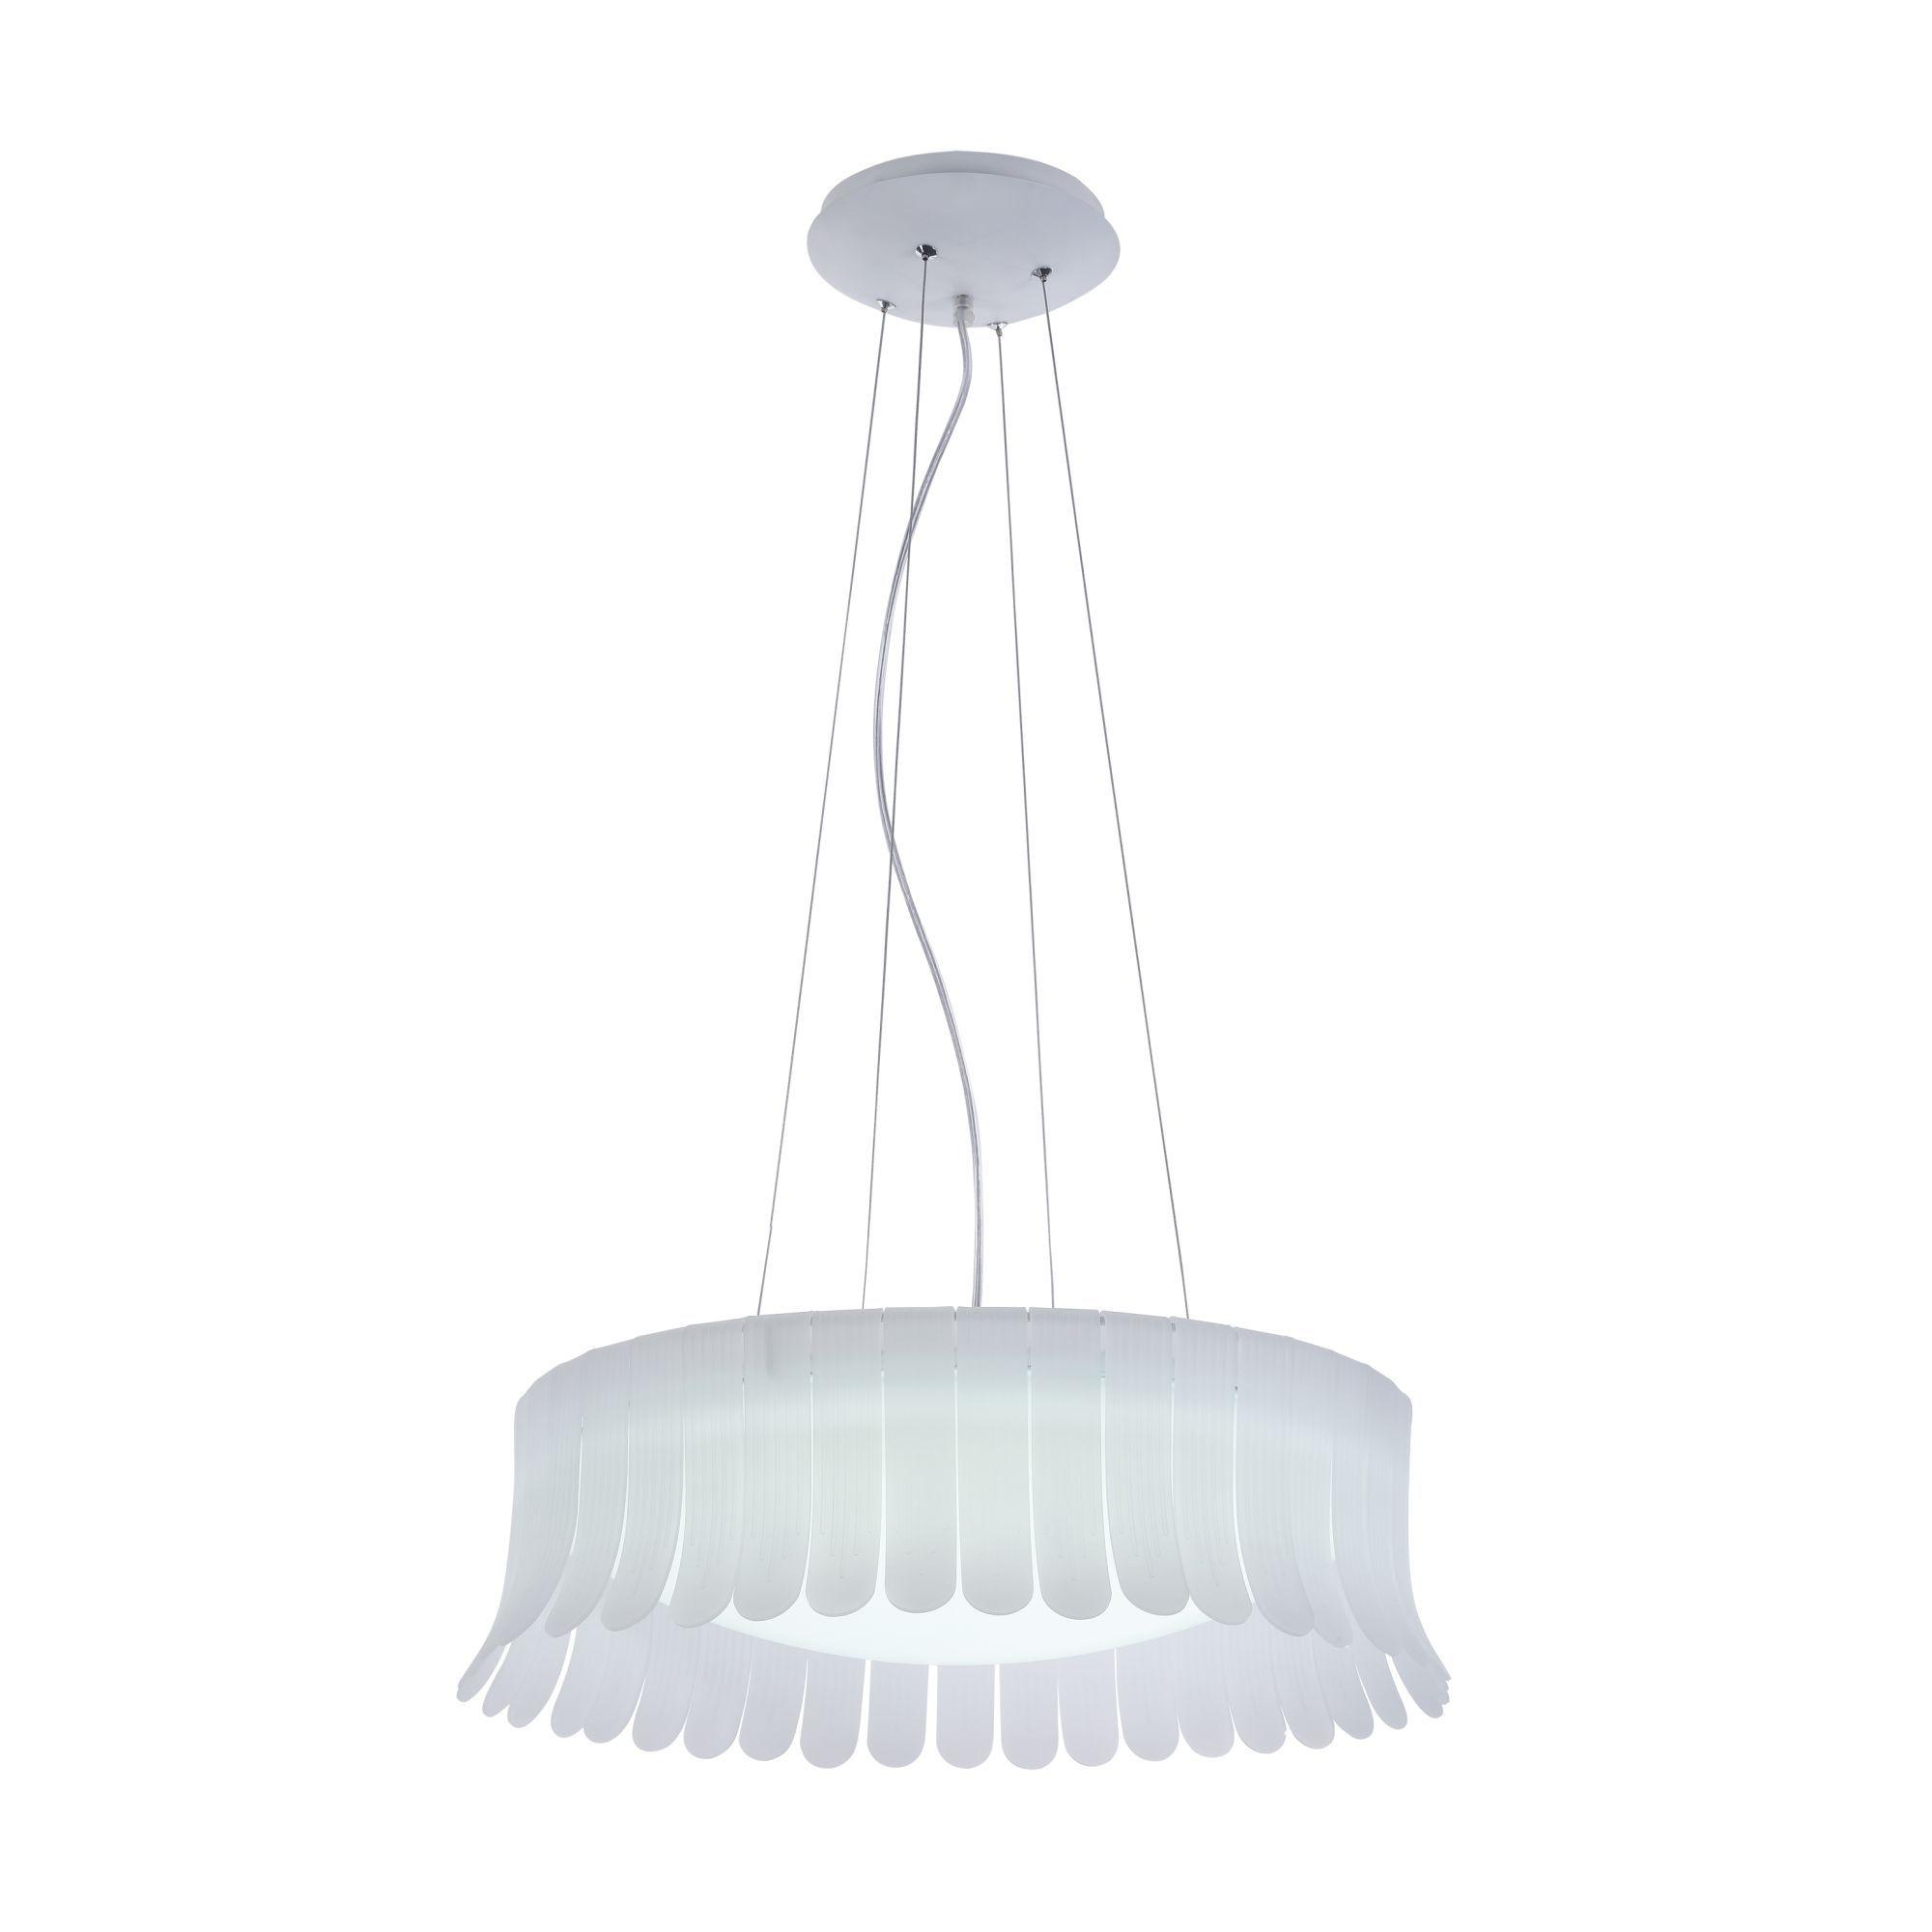 Degas Hanglamp